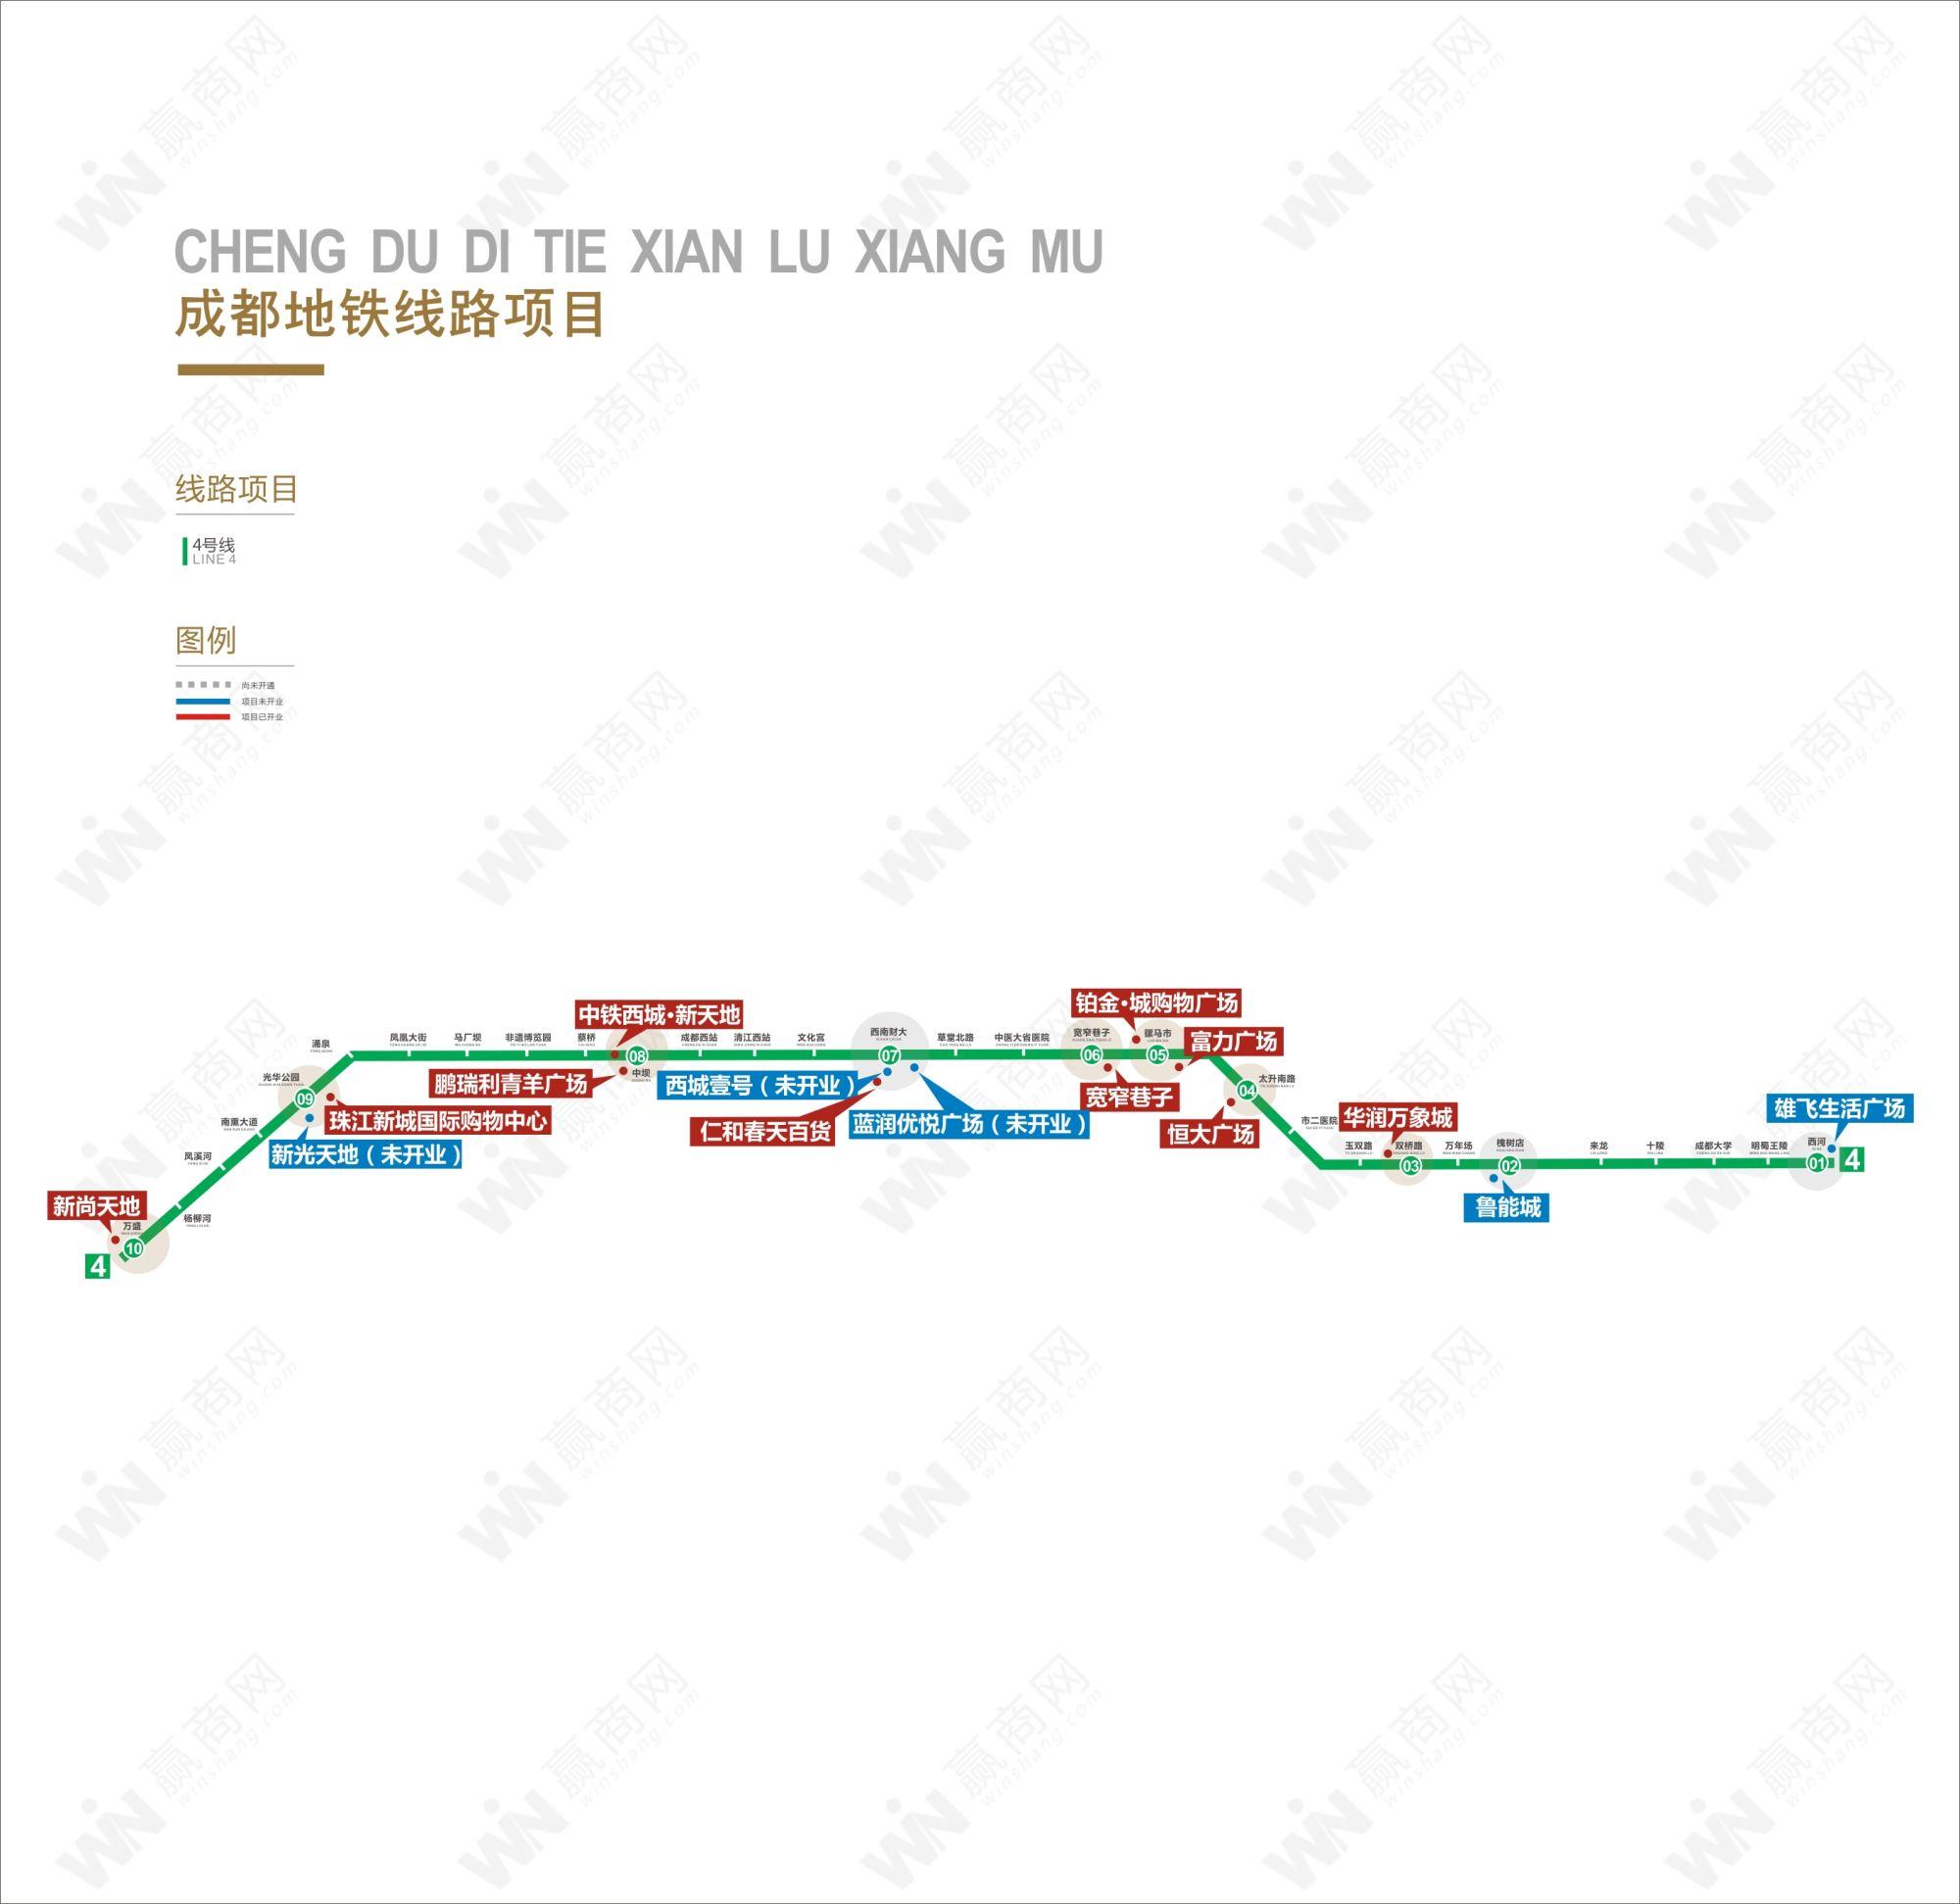 成都地铁4号线 串起成都重要的文明和商业地标